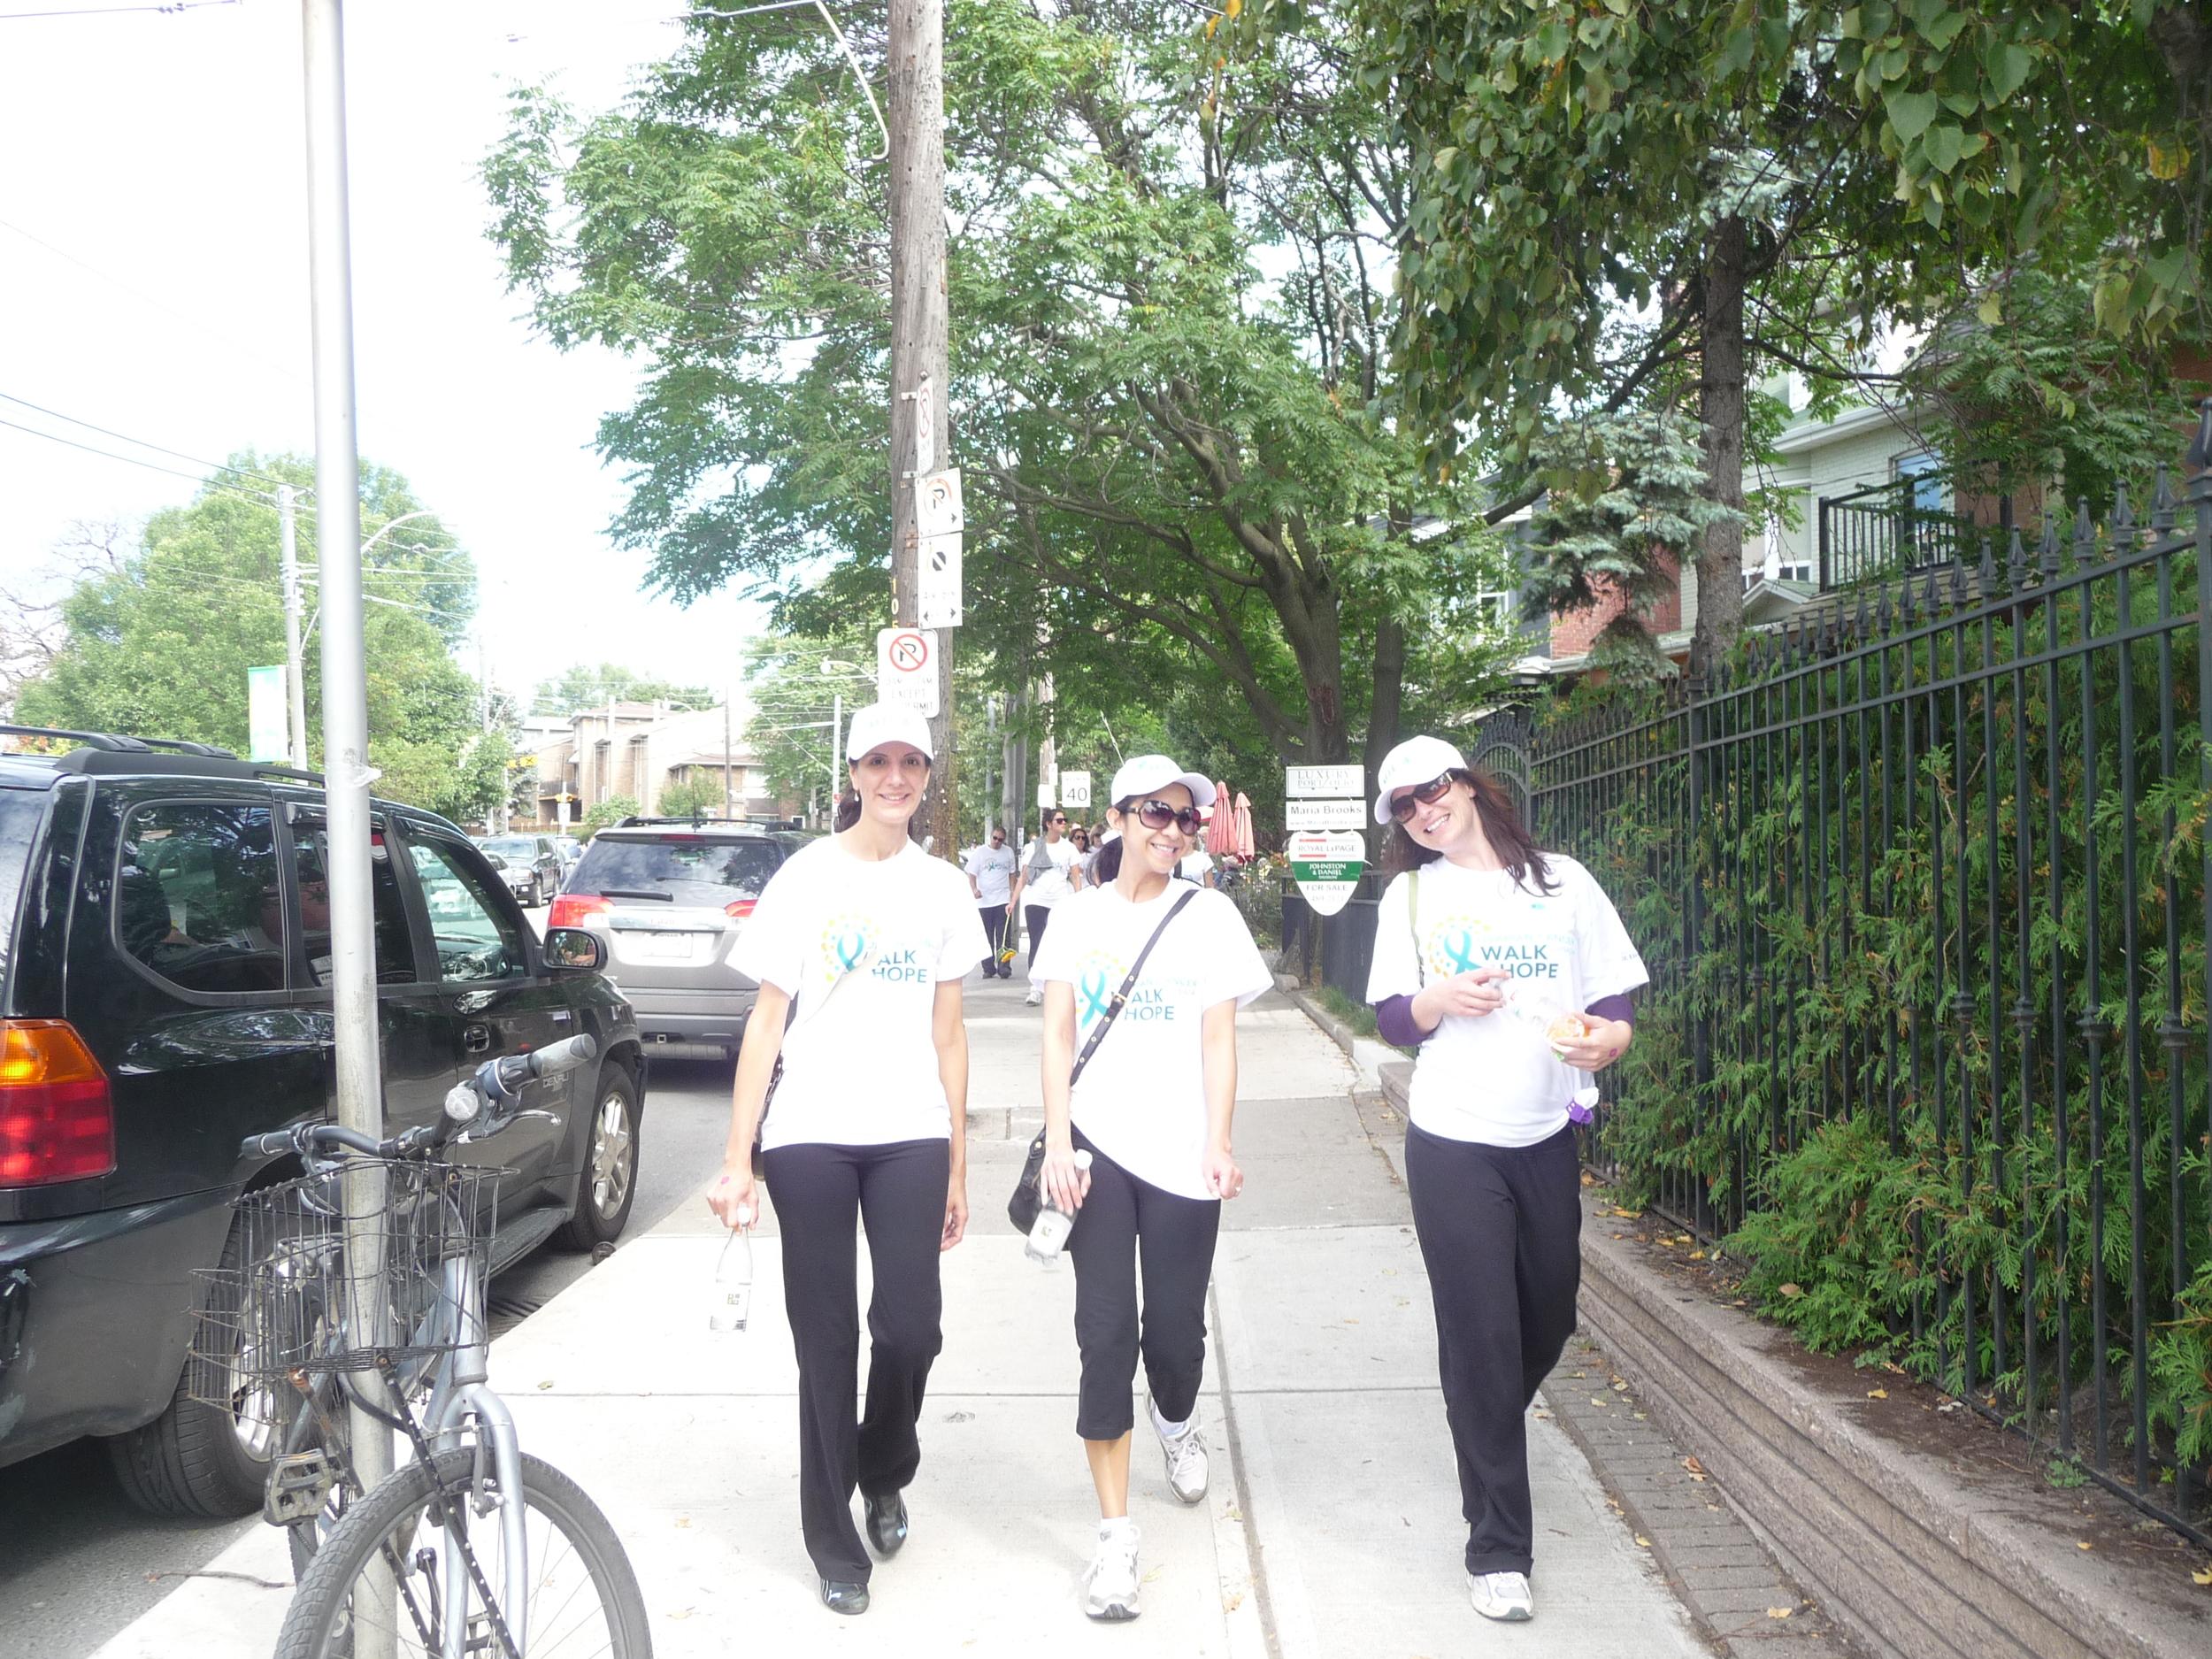 ovarian walk 043.jpg